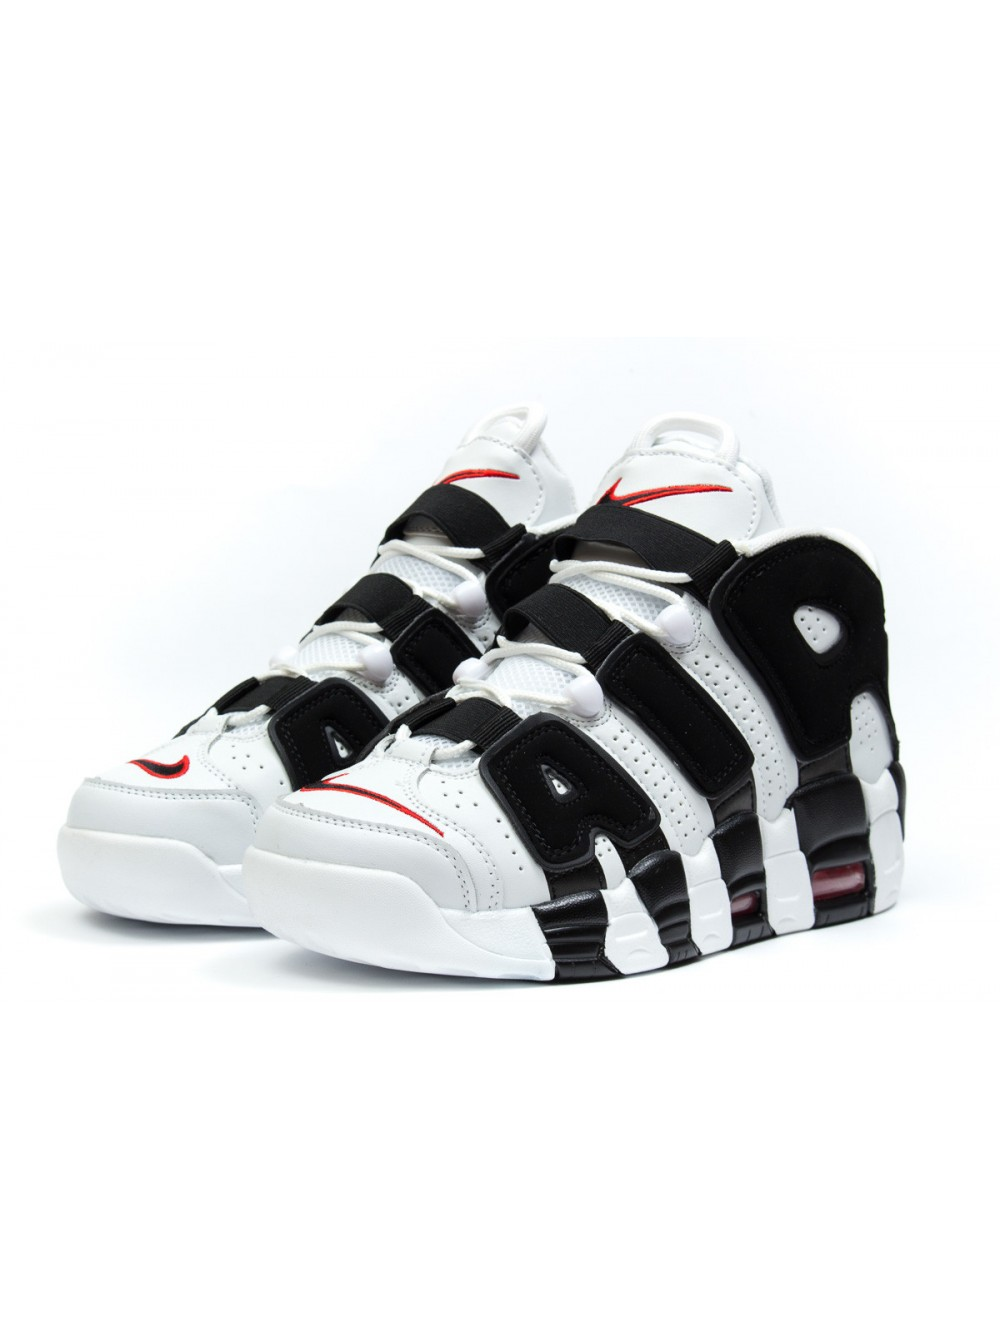 44b84bd5 Мужские баскетбольные кроссовки Nike Air More Uptempo купить недорого